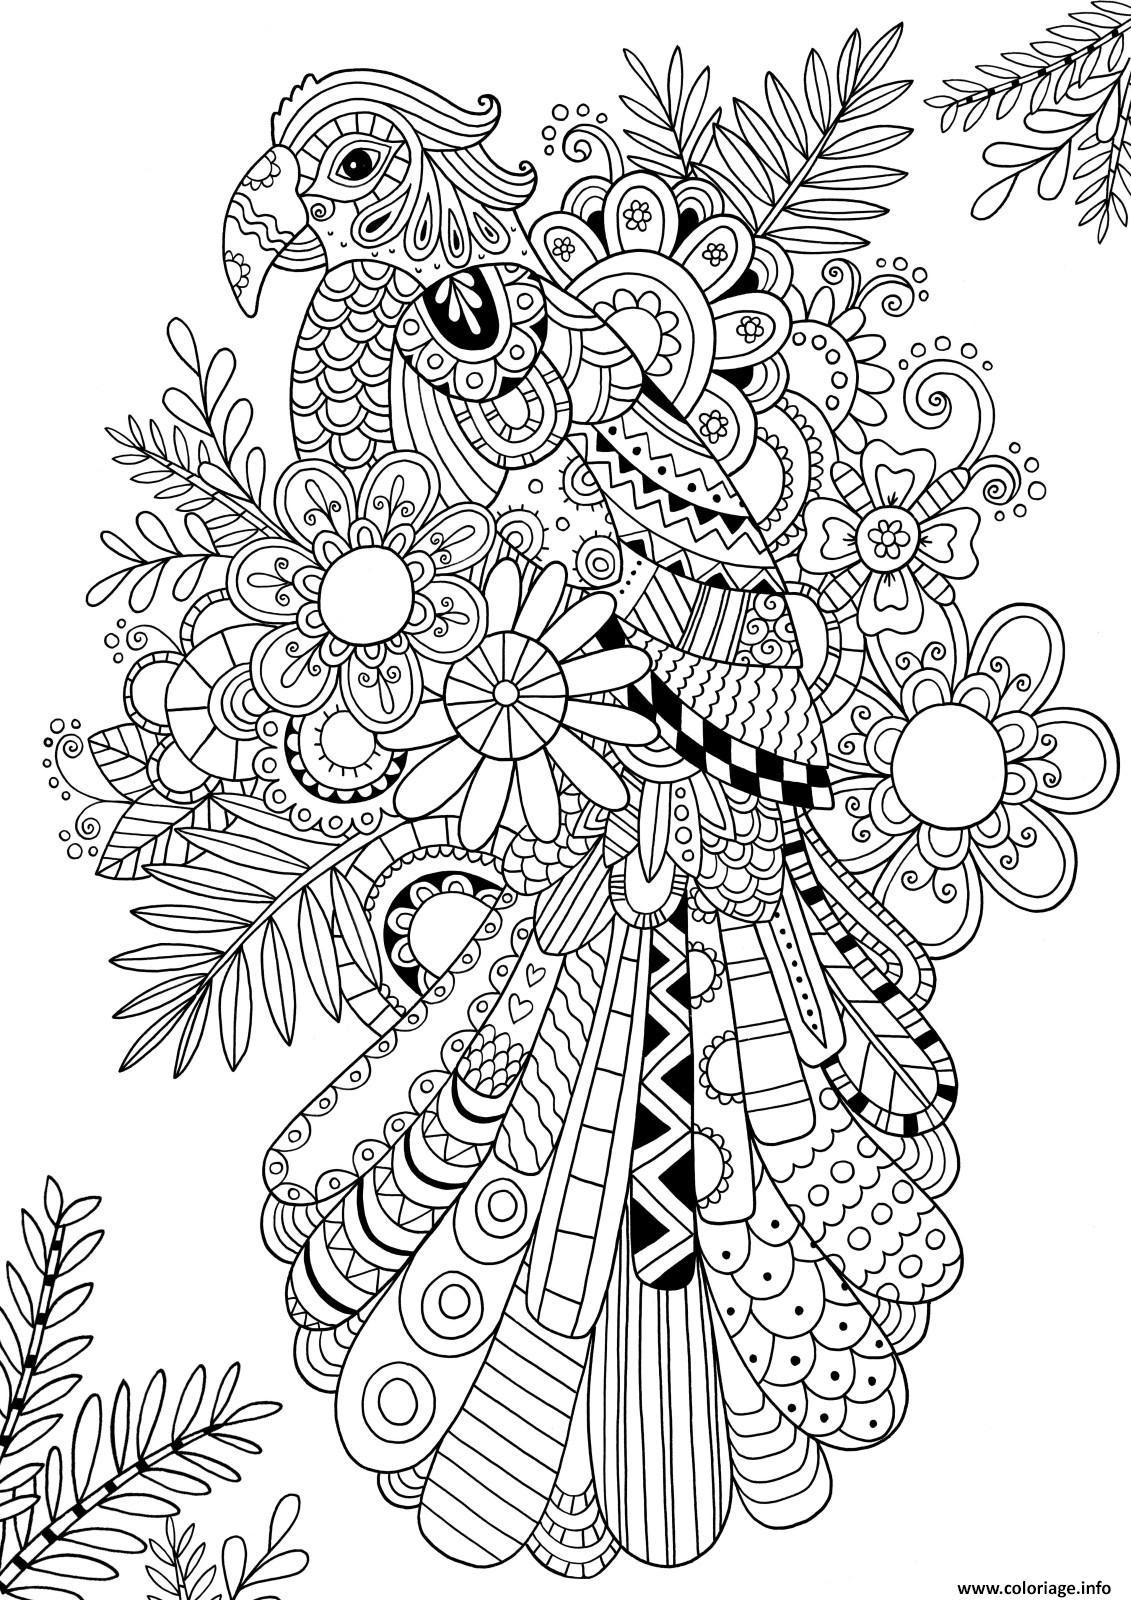 Coloriage Zentangle Perroquet Oiseau Adulte Dessin  Imprimer